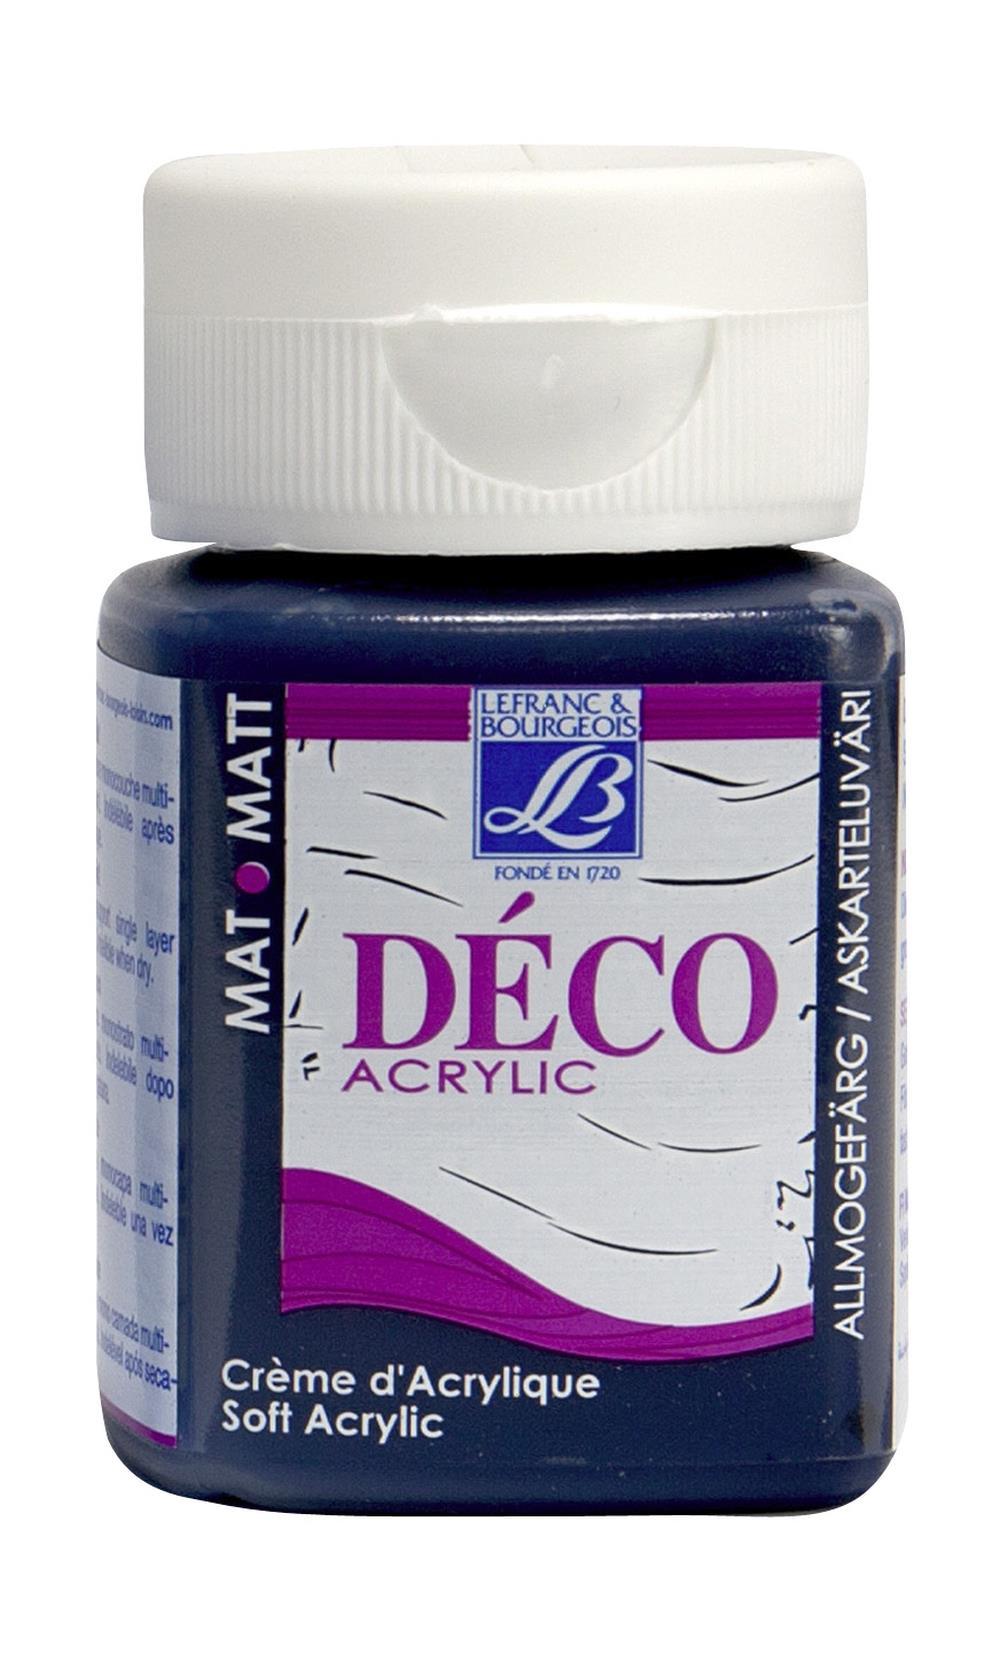 Hobbyfärg L&B Deco Matt Akryl 50ml Prussian blue warm 046 (4F) Utgår